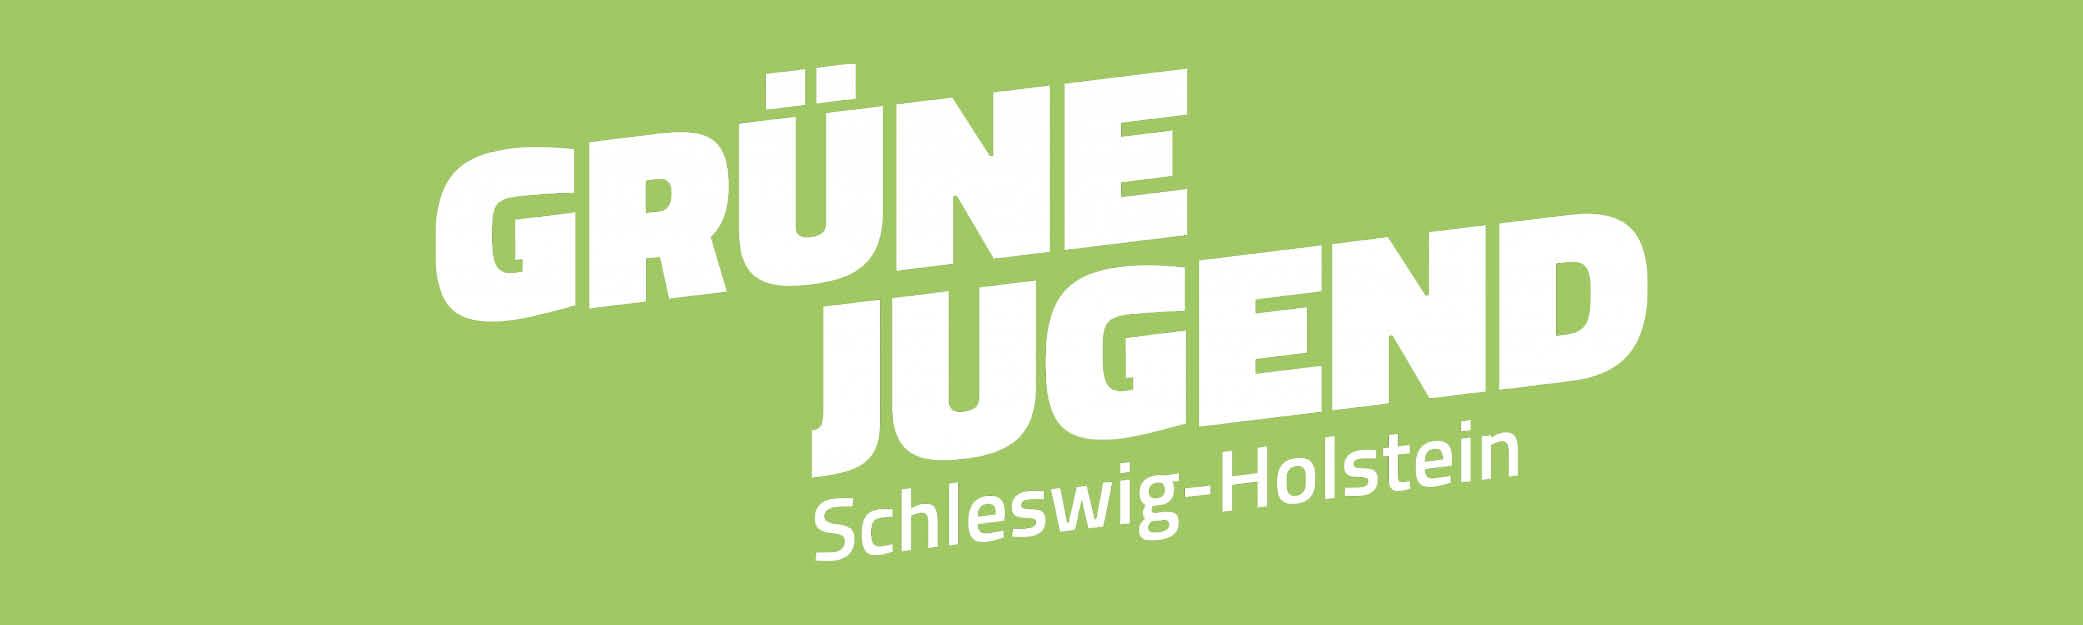 Logo der Grünen Jugend Schleswig-Holstein